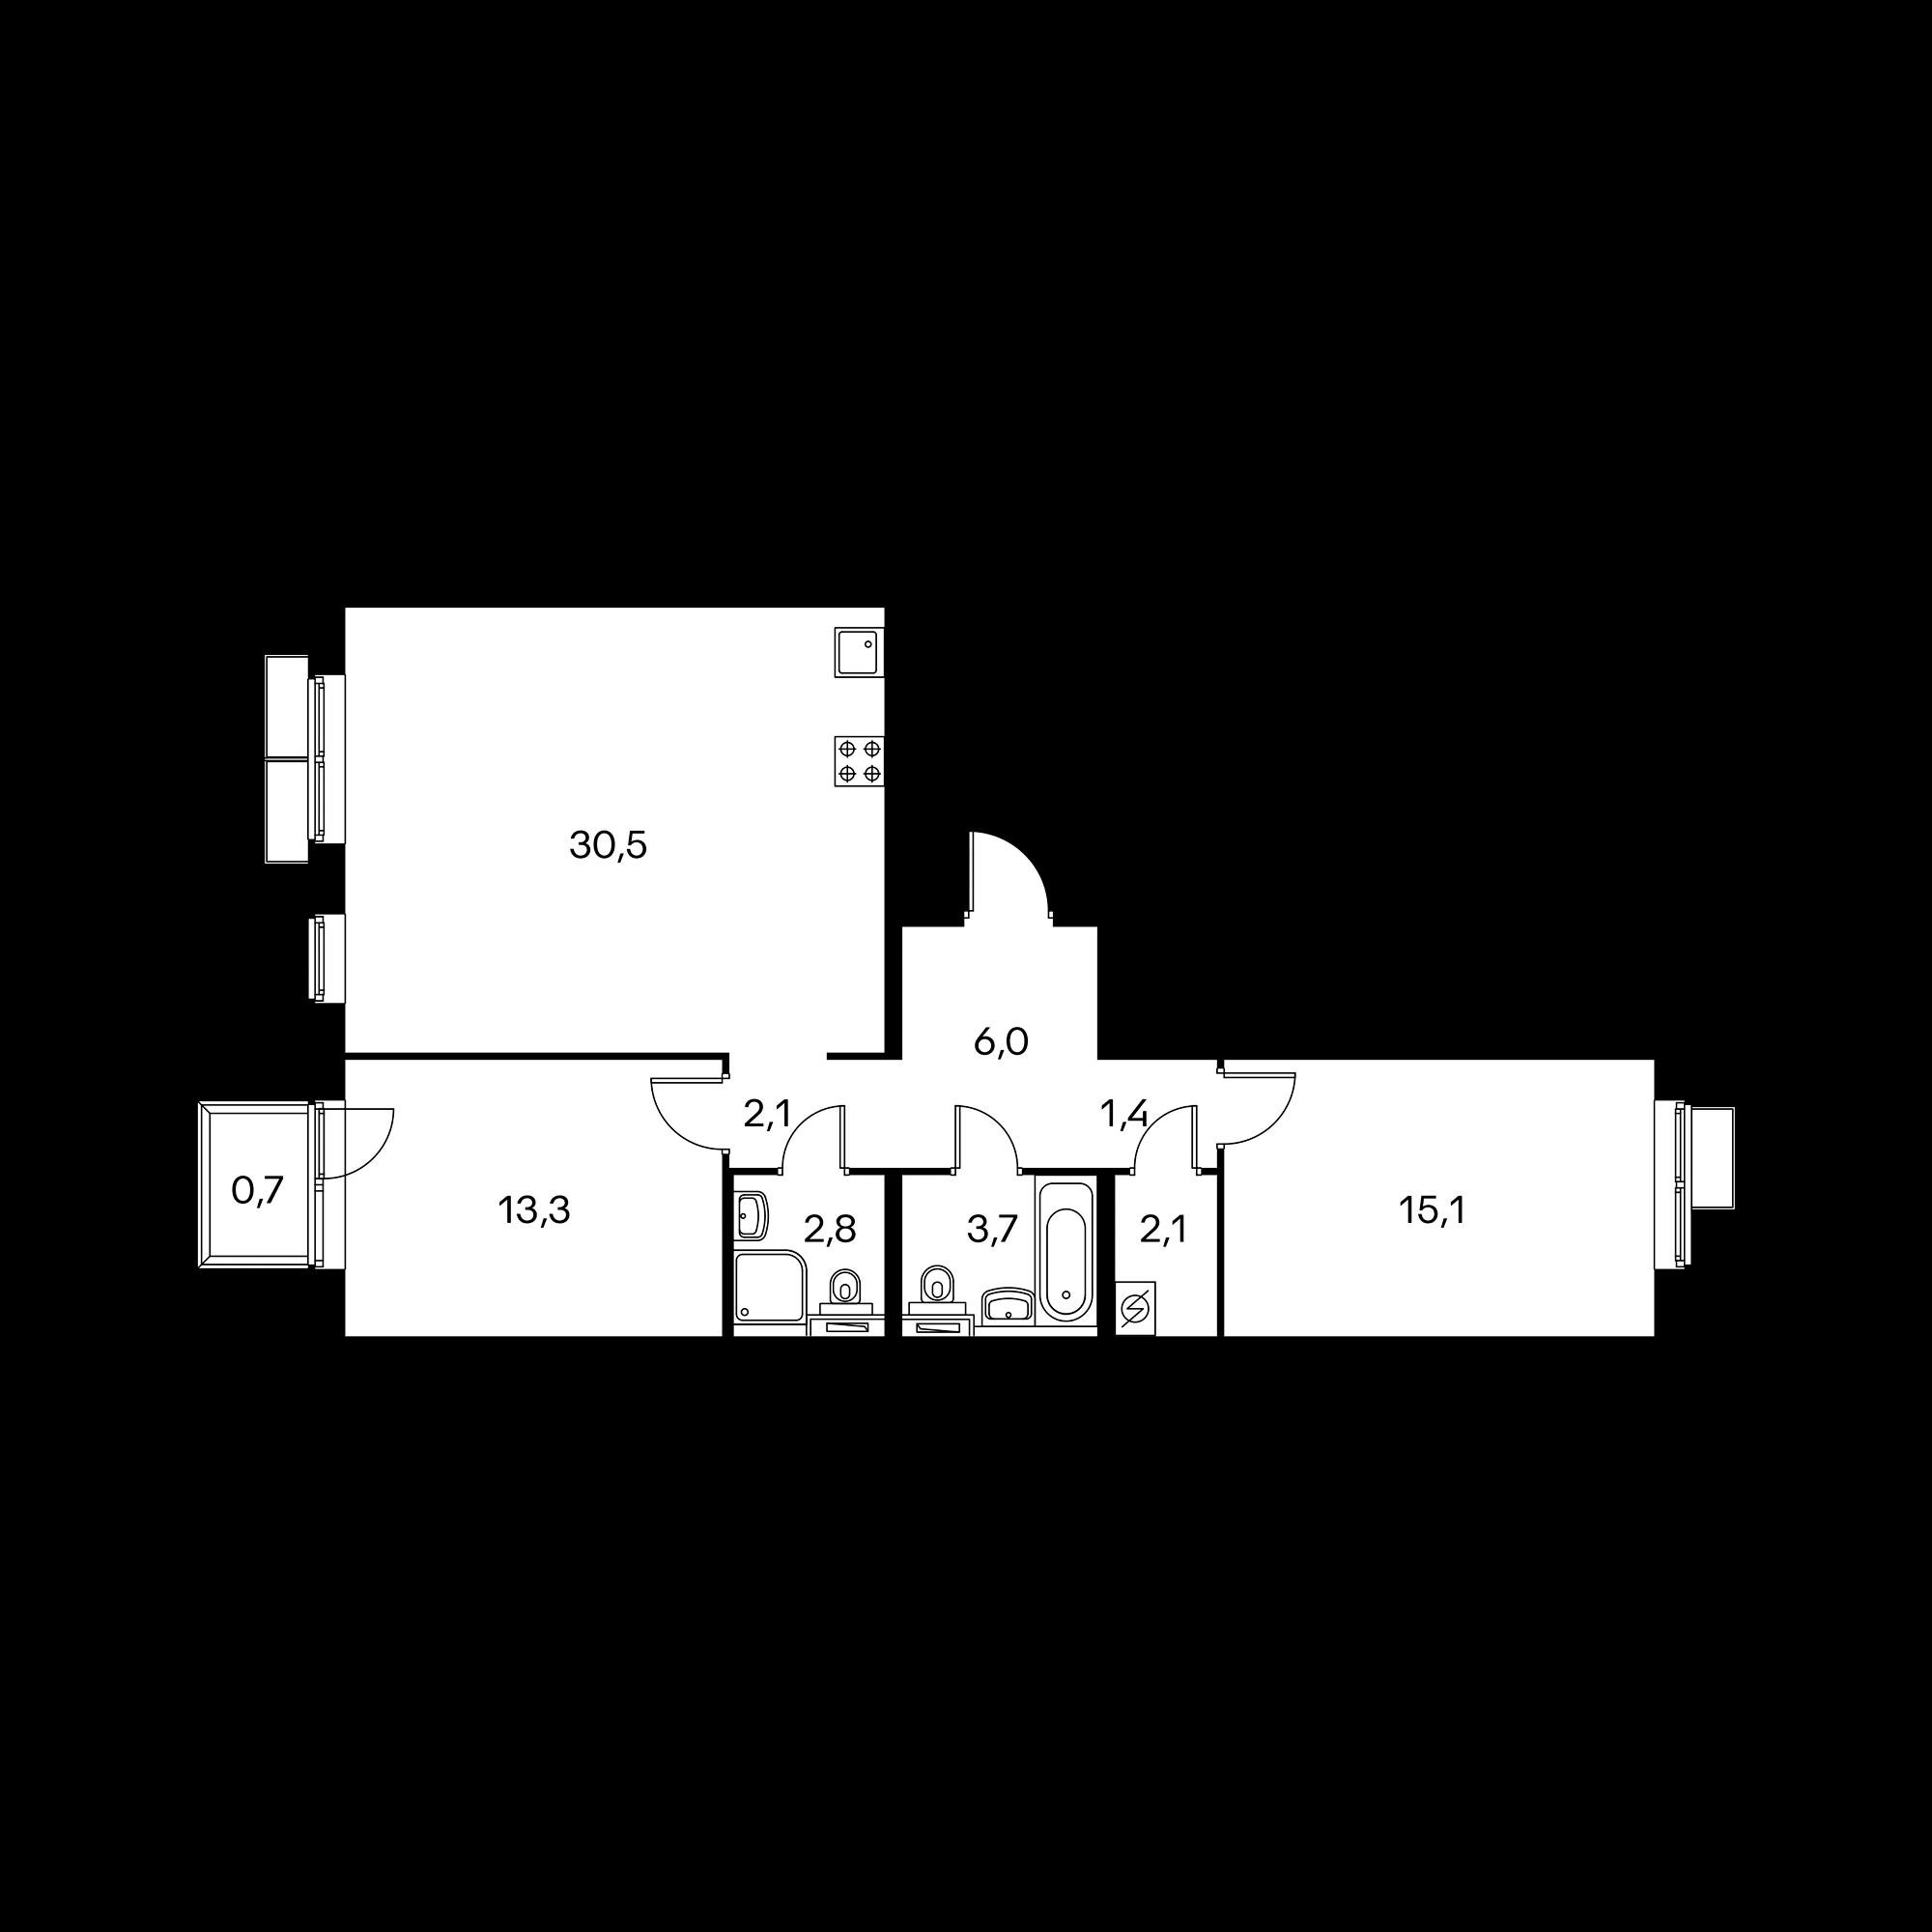 3NM12_8.4-1_S_AB2